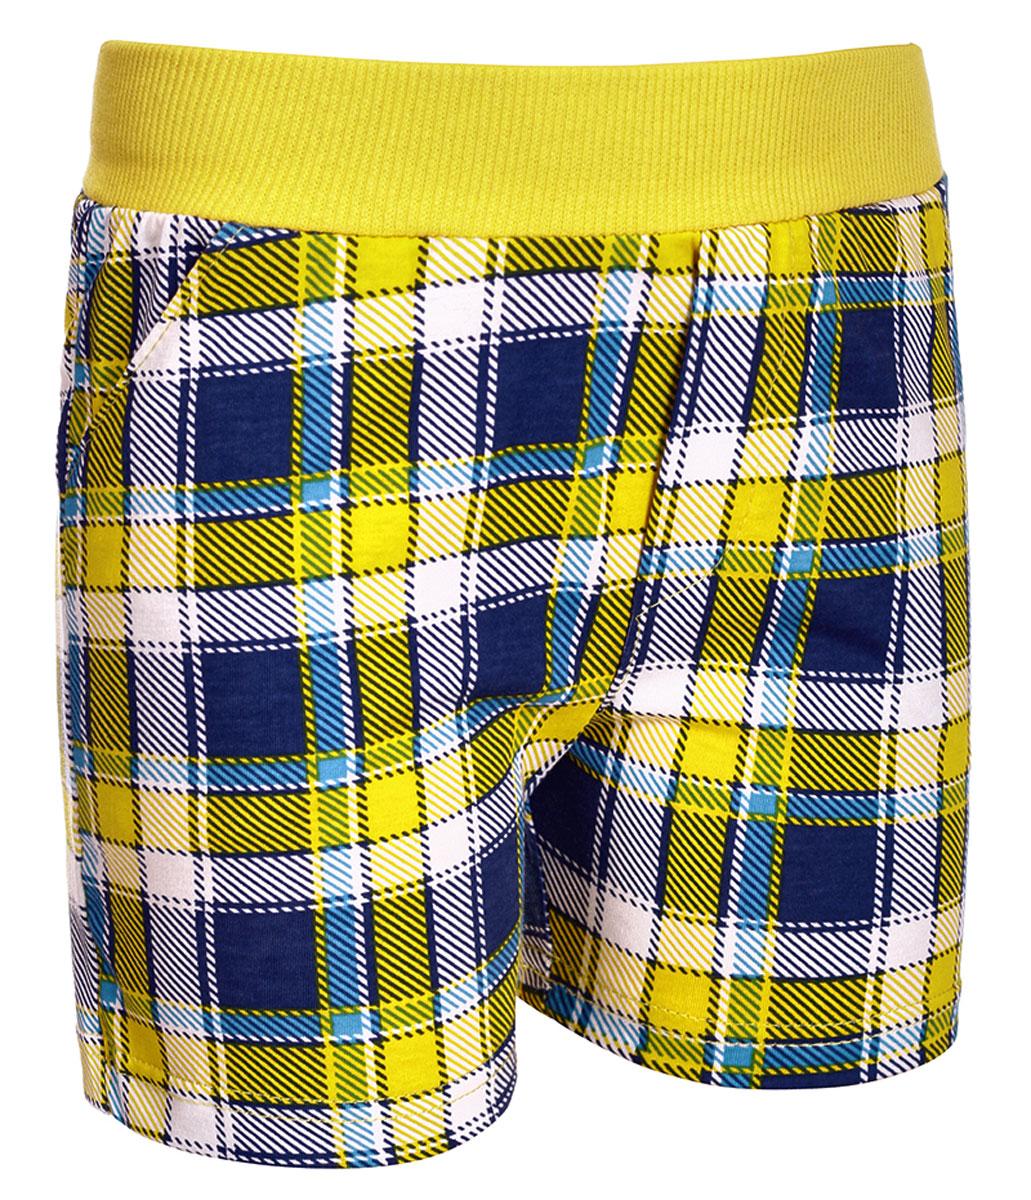 Шорты для мальчика M&D, цвет: желтый, темно-синий, белый. М37802. Размер 122М37802Шорты для мальчика от M&D выполнены из натурального хлопка и оформлены оригинальным принтом. Модель имеет эластичные пояс на талии. По бокам расположены втачные карманы.